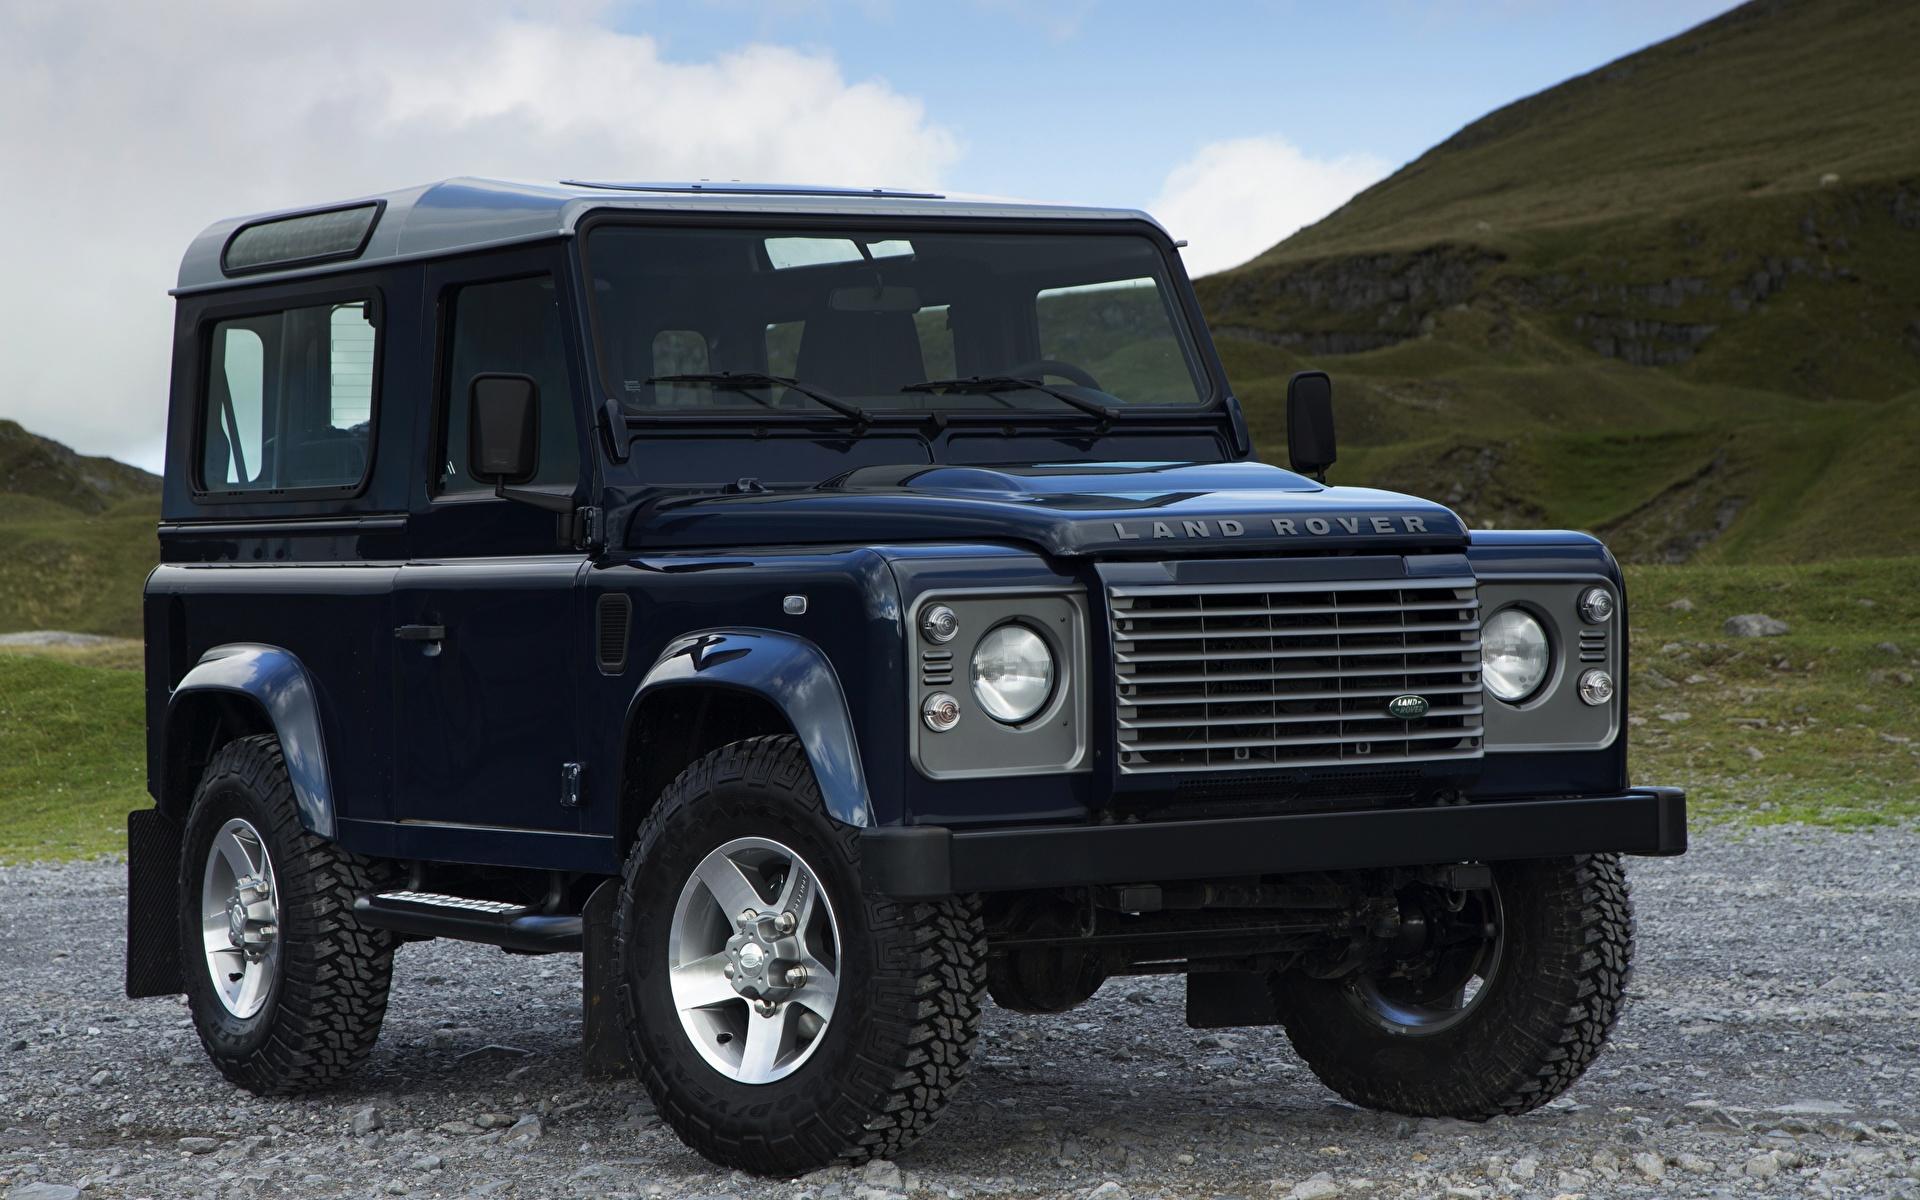 Фотография Range Rover SUV 2013, Defender 90 черная машины 1920x1200 Land Rover Внедорожник Черный черные черных авто машина Автомобили автомобиль